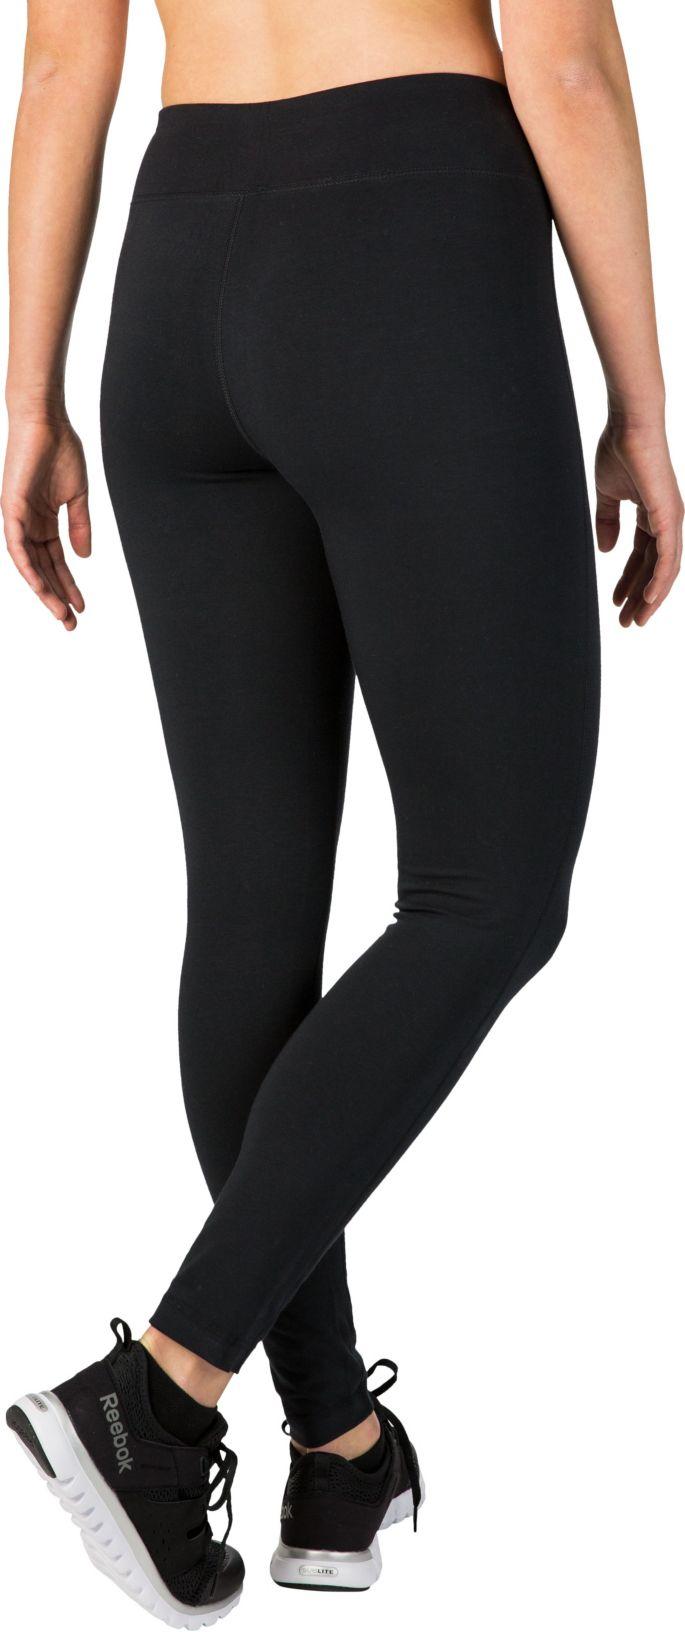 f3206d80e3 Reebok Women's Fitness Essentials Tights